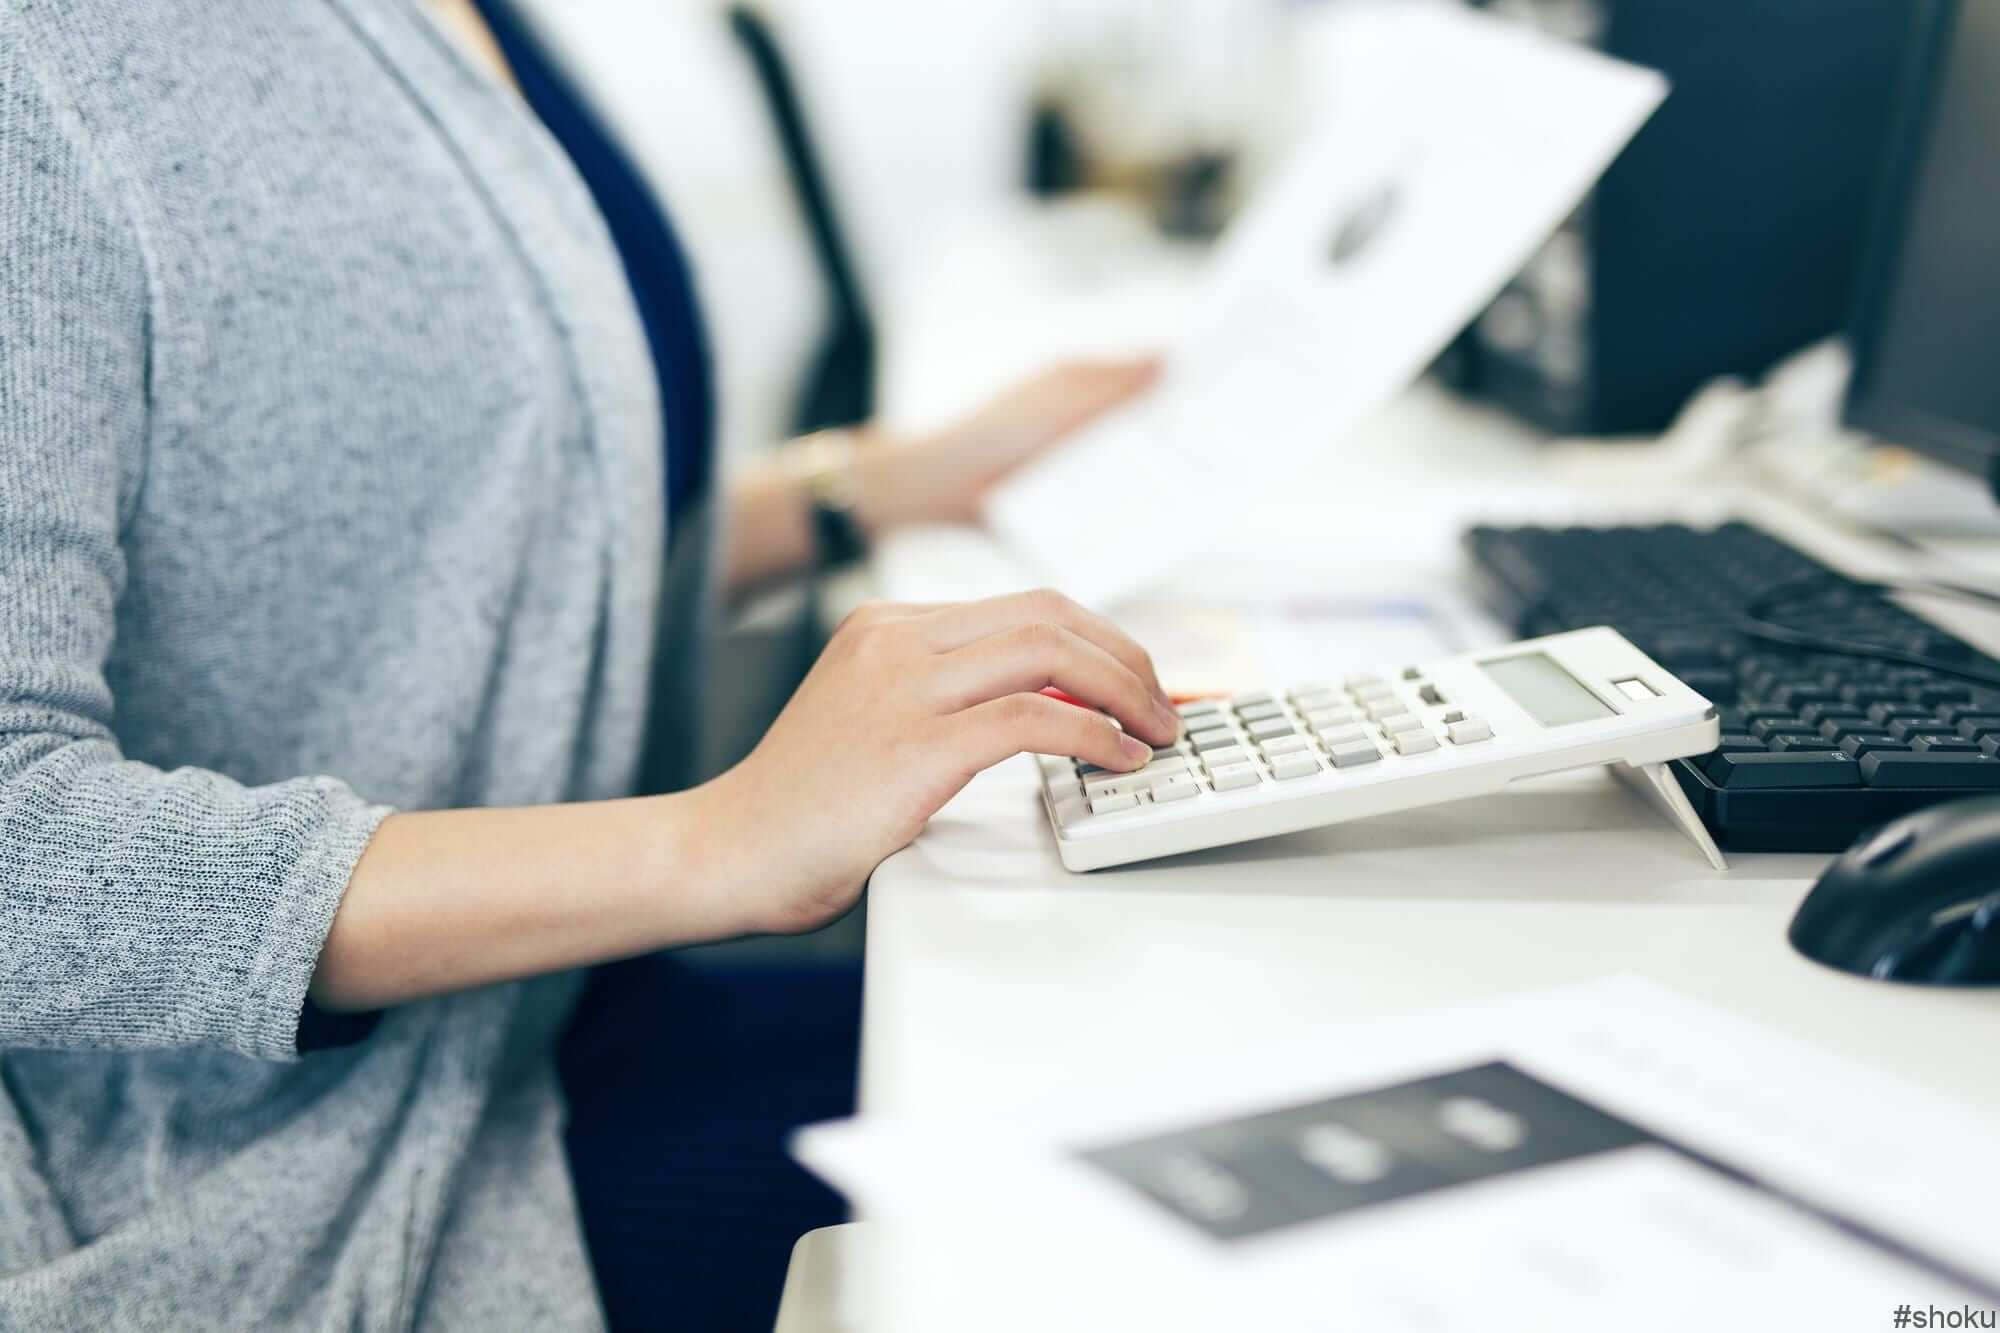 時給が高い経理職の求人を見て計算する女性